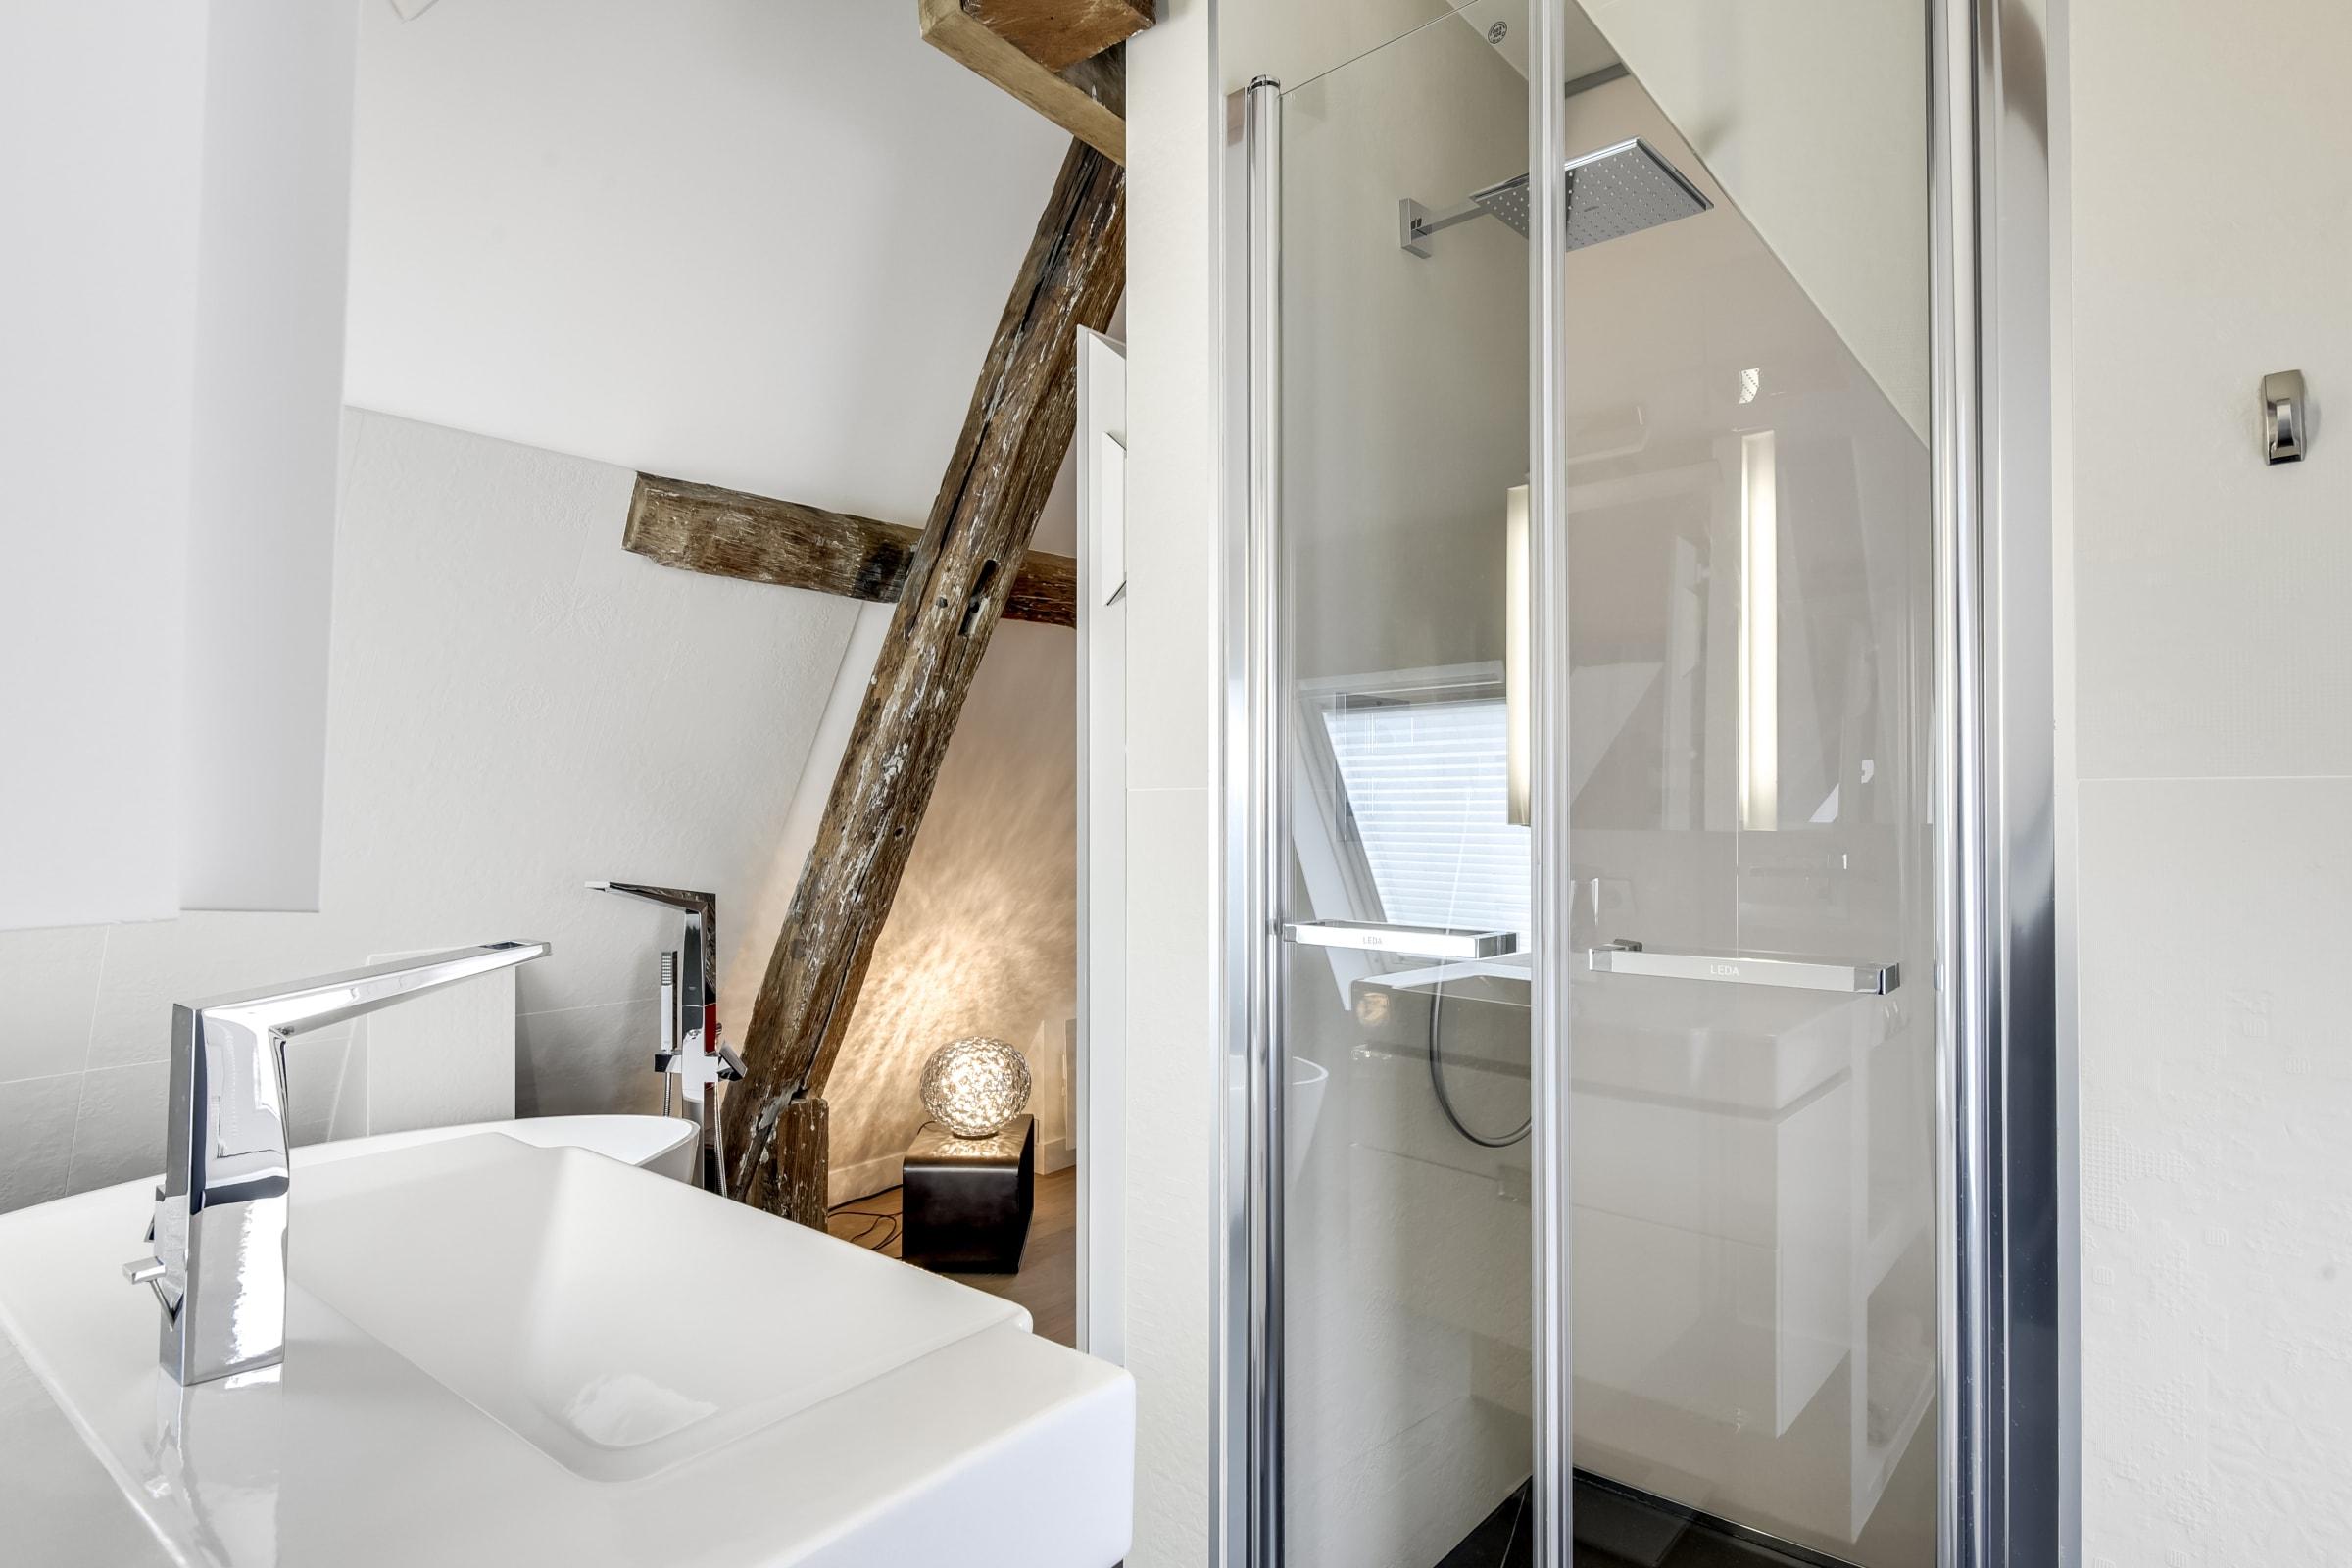 Travaux de rénovation et maitrise d'œuvre d'un appartement parisien sous les toits 23